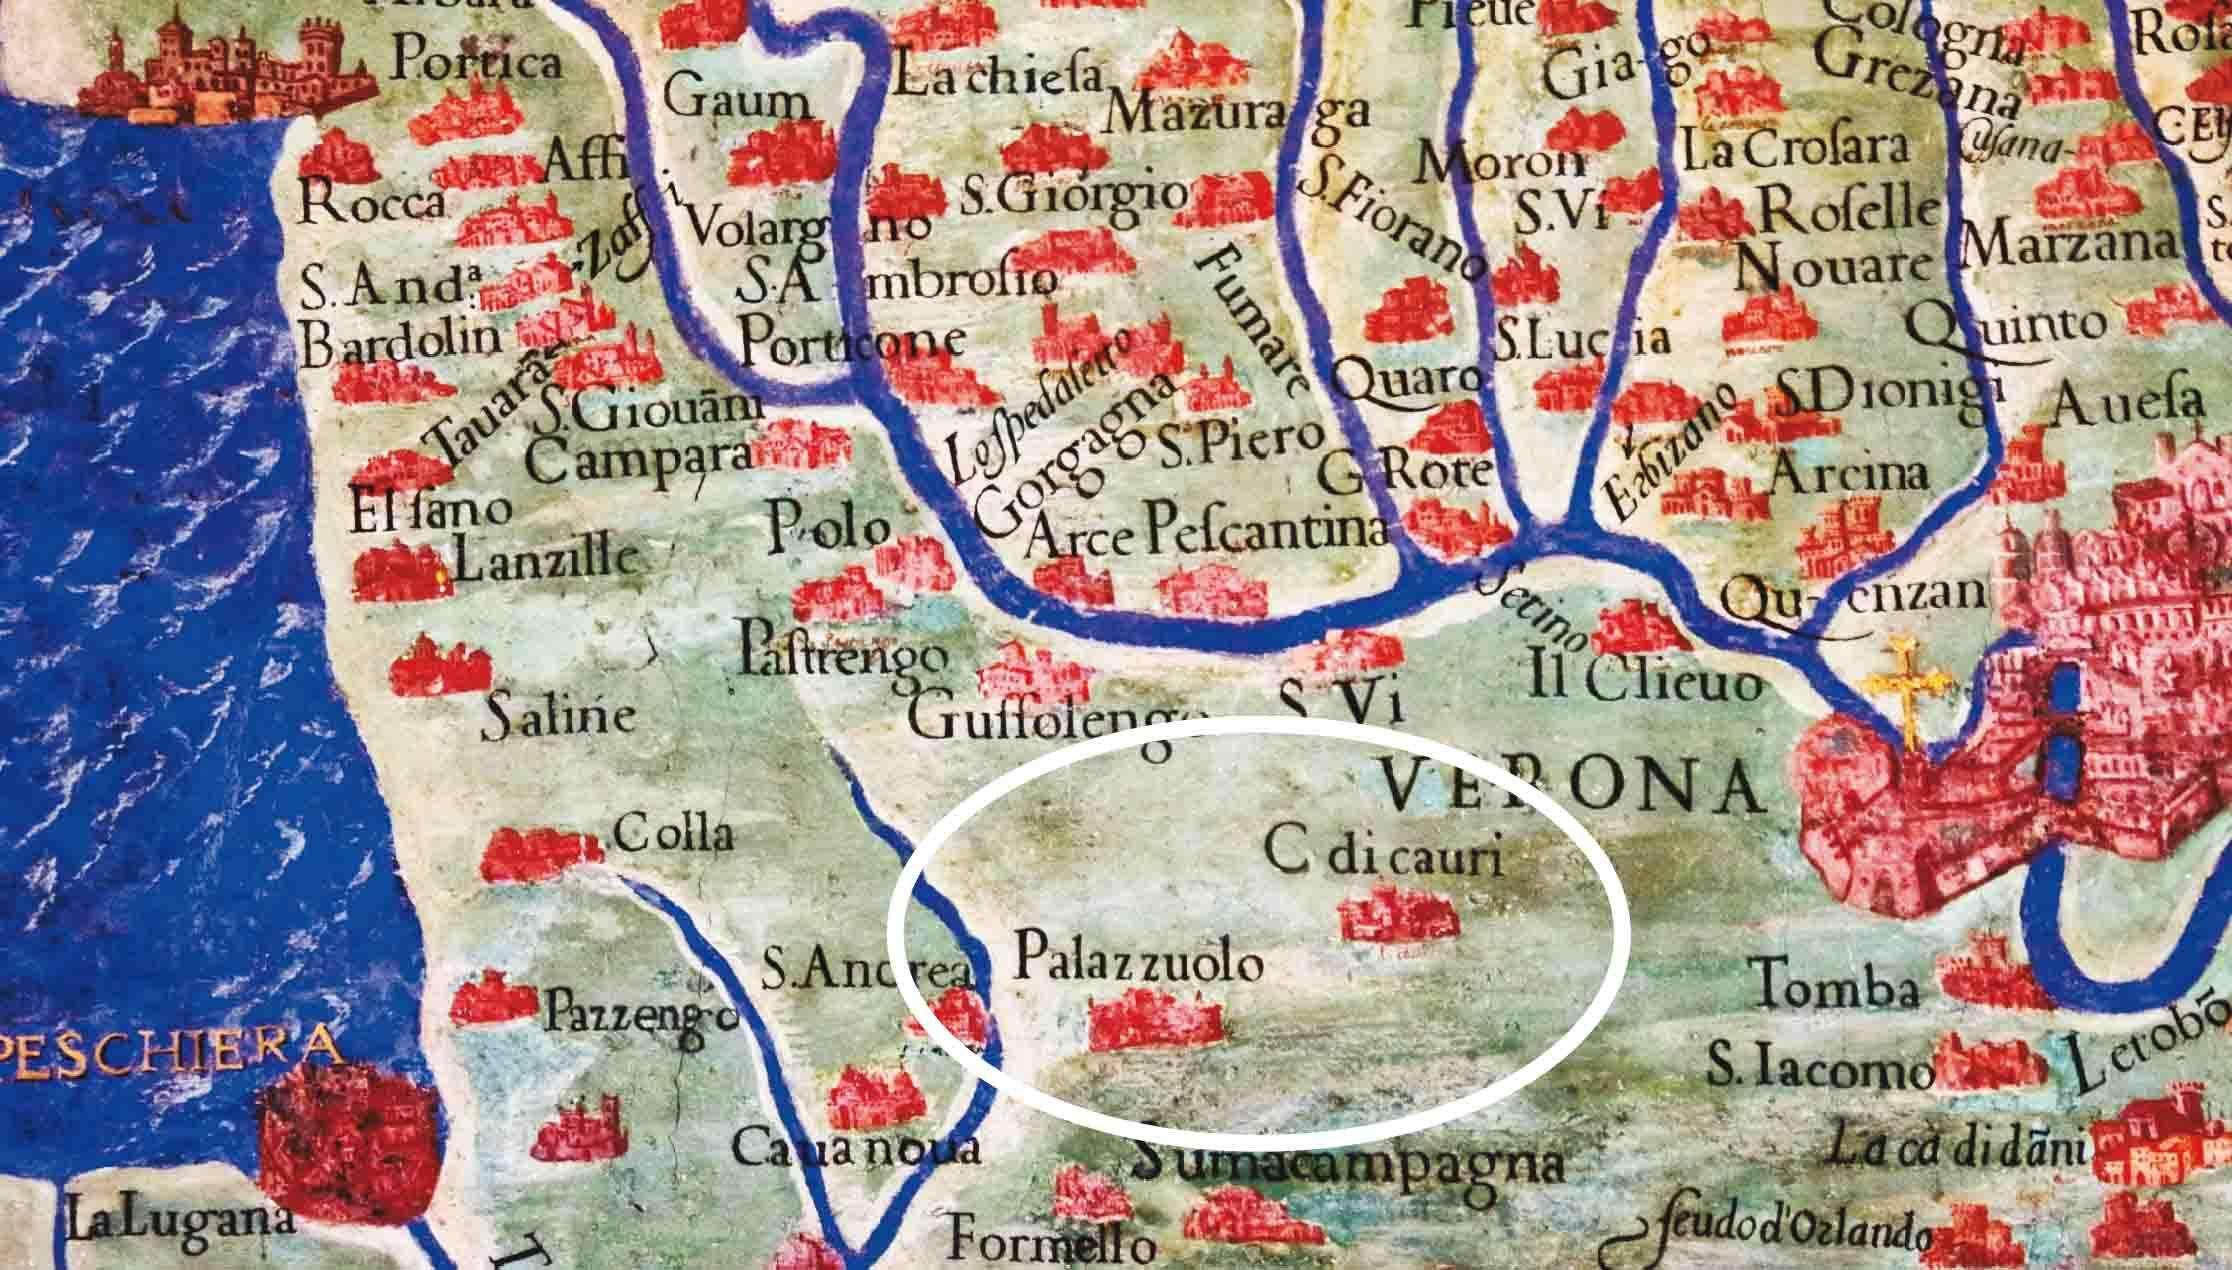 Cartina 1500.Il Nostro Territorio Nelle Carte Geografiche Vaticane Del 1500 Palazzolo E Ca Di Capri Ilbacodaseta